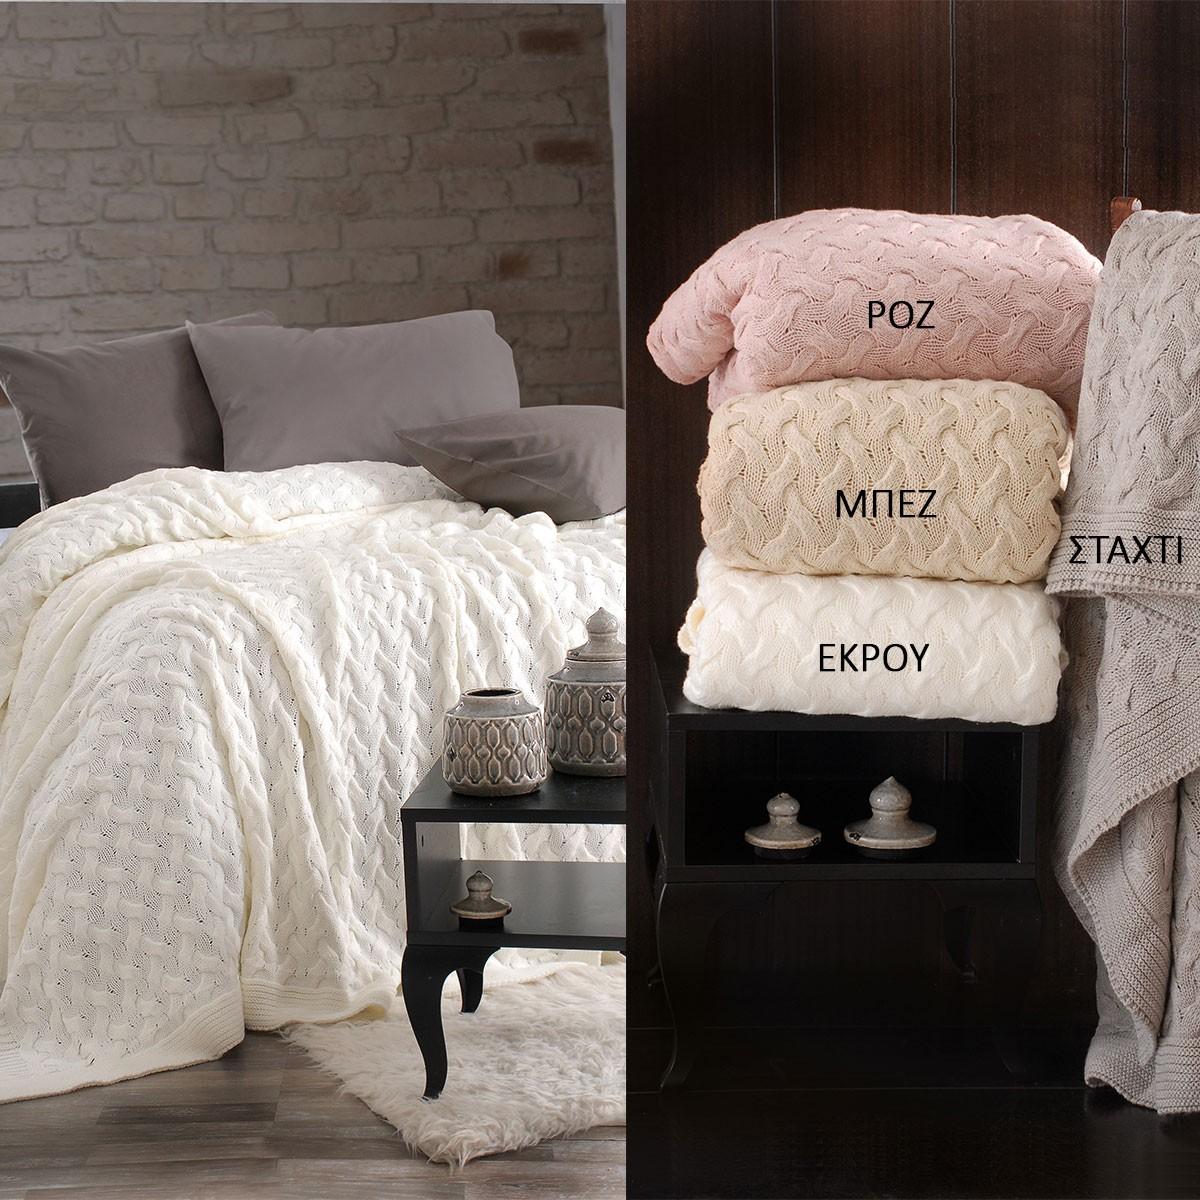 Κουβέρτα Πλεκτή Μονή Rythmos Tzortzia home   κρεβατοκάμαρα   κουβέρτες   κουβέρτες πλεκτές